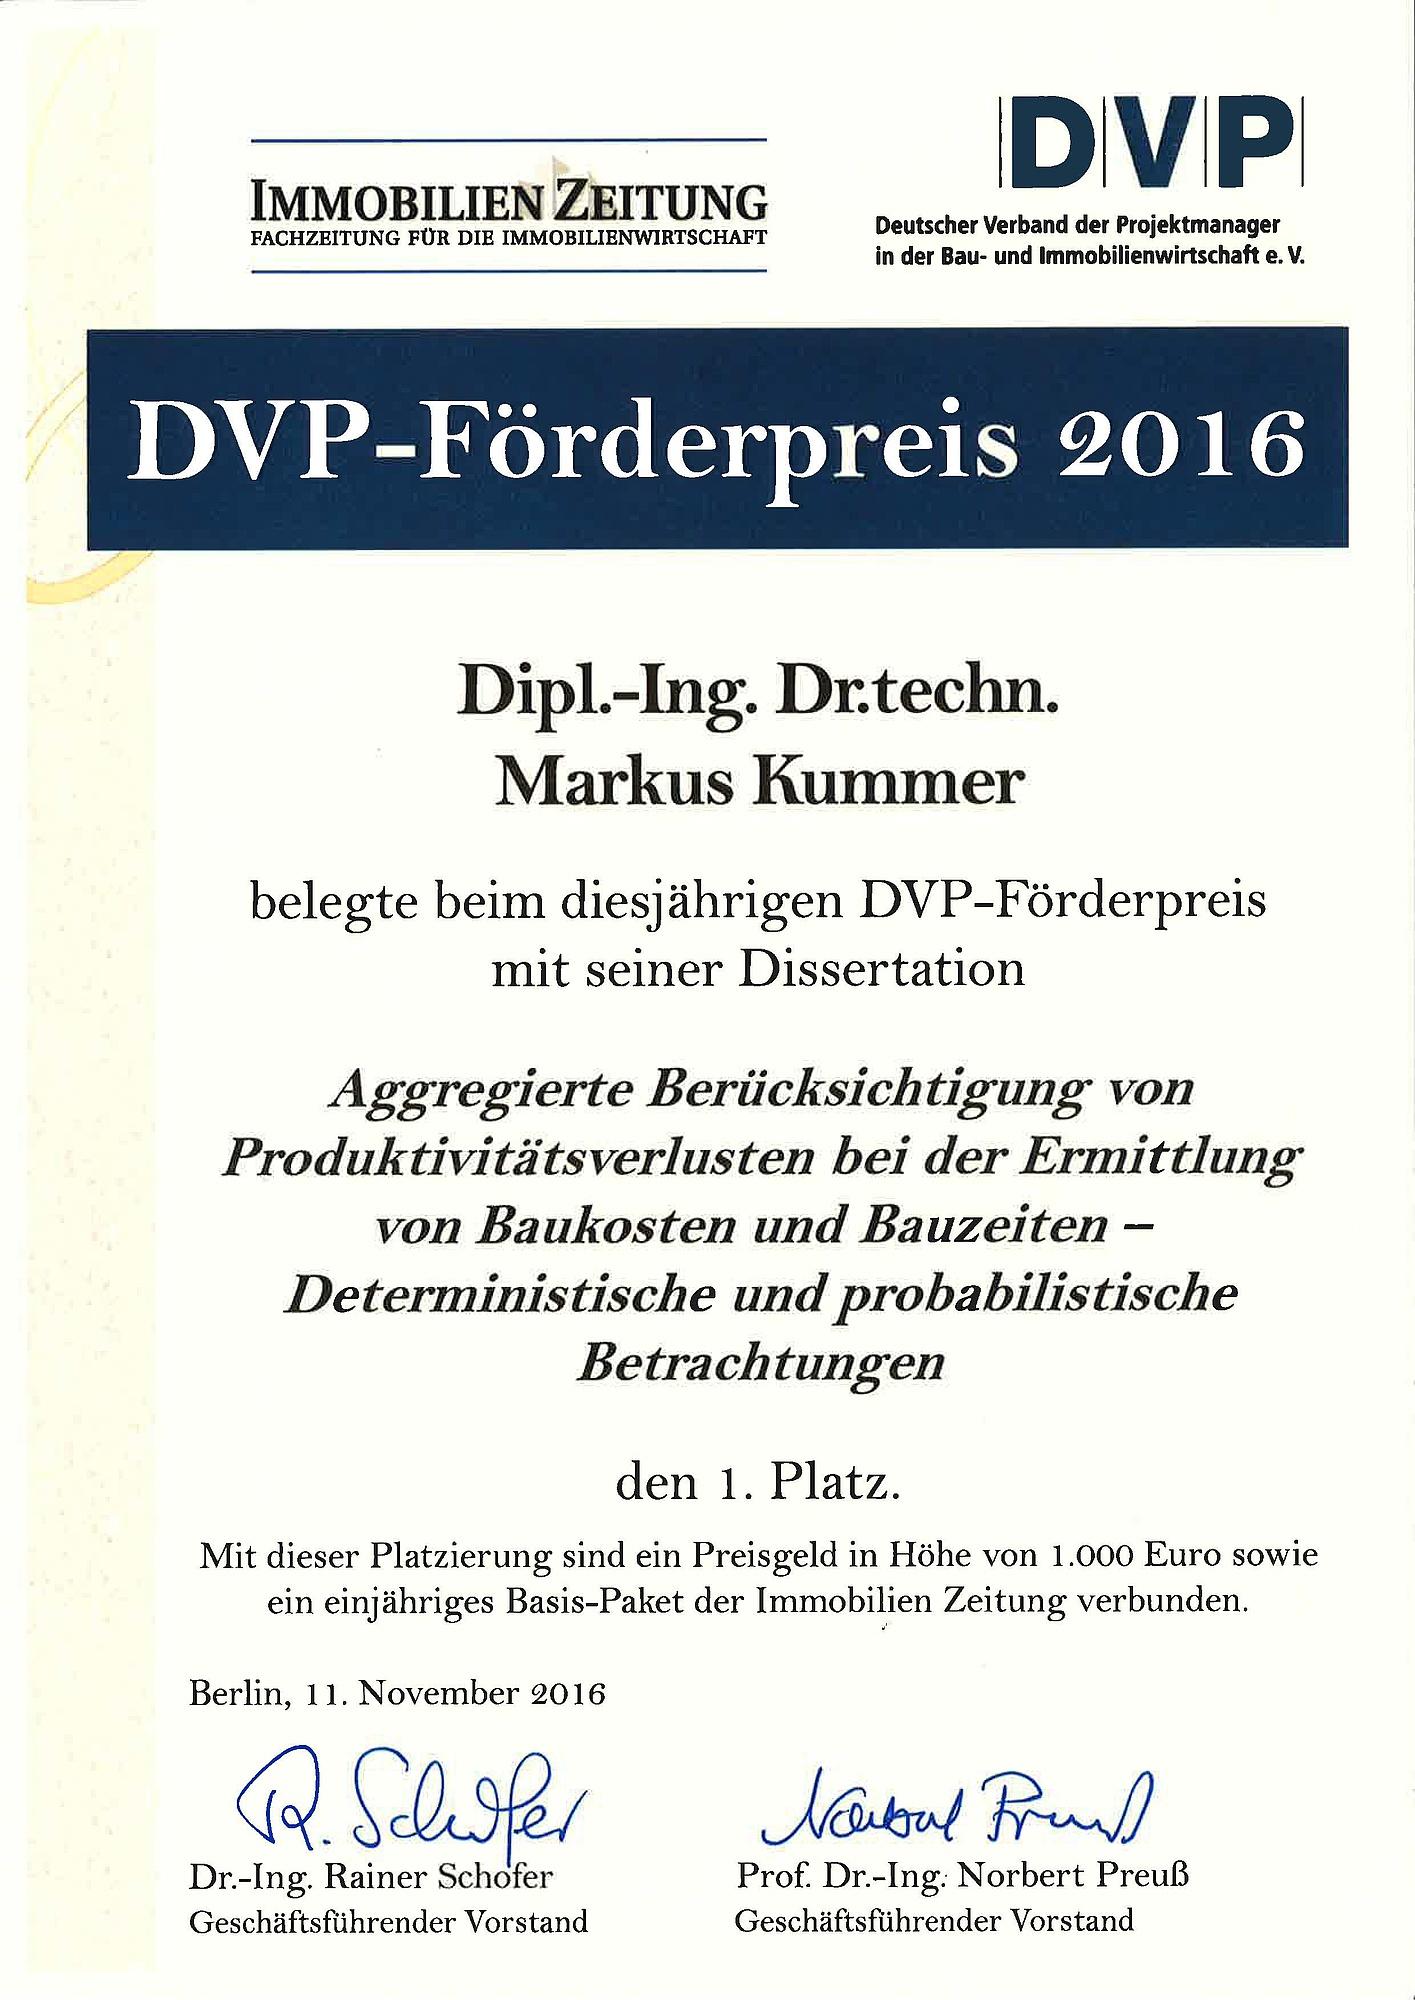 BBW - Preise & Auszeichnungen